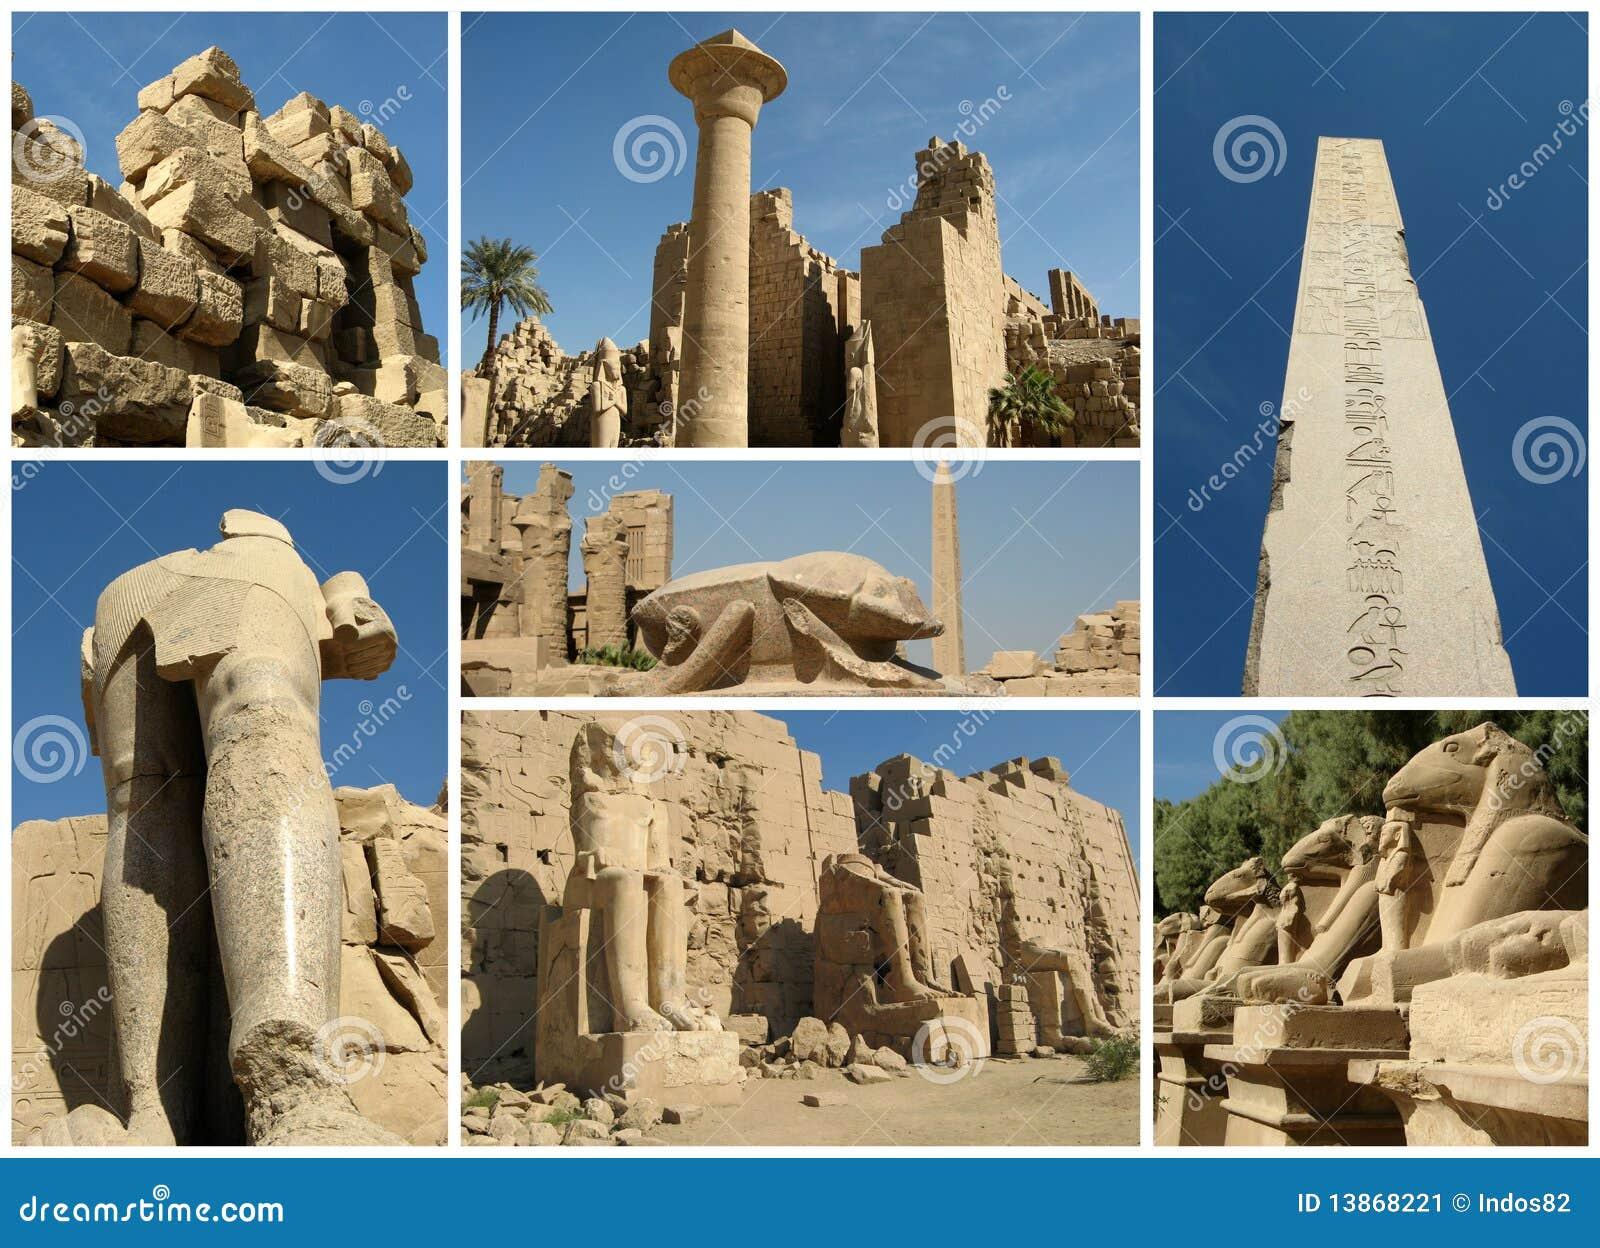 Коллаж Египета